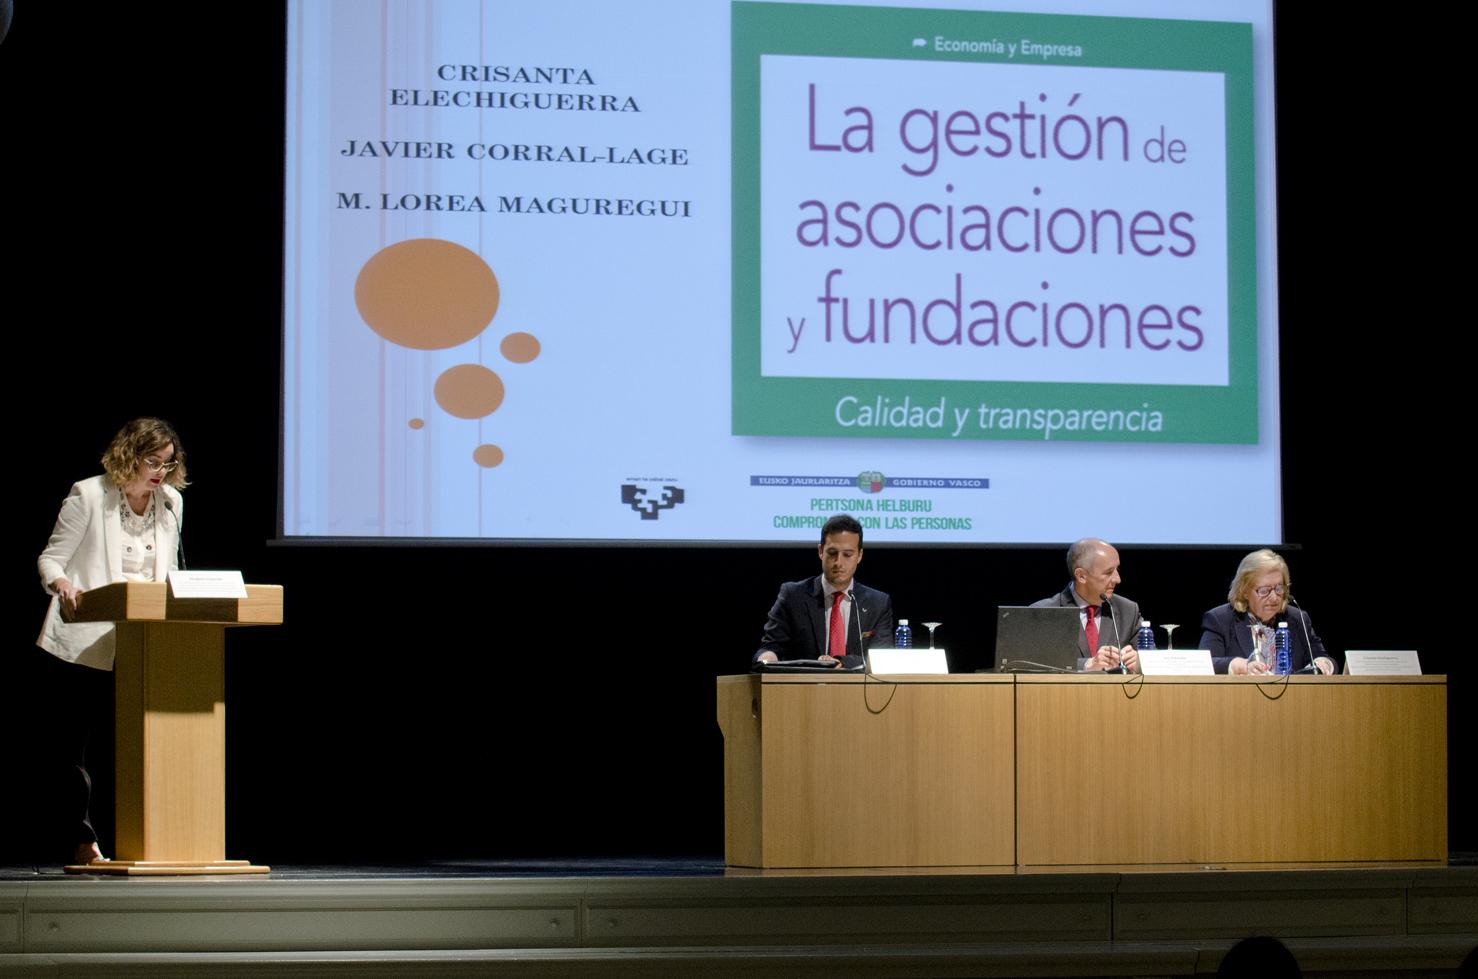 gestion_asociaciones_fundaciones_04.jpg